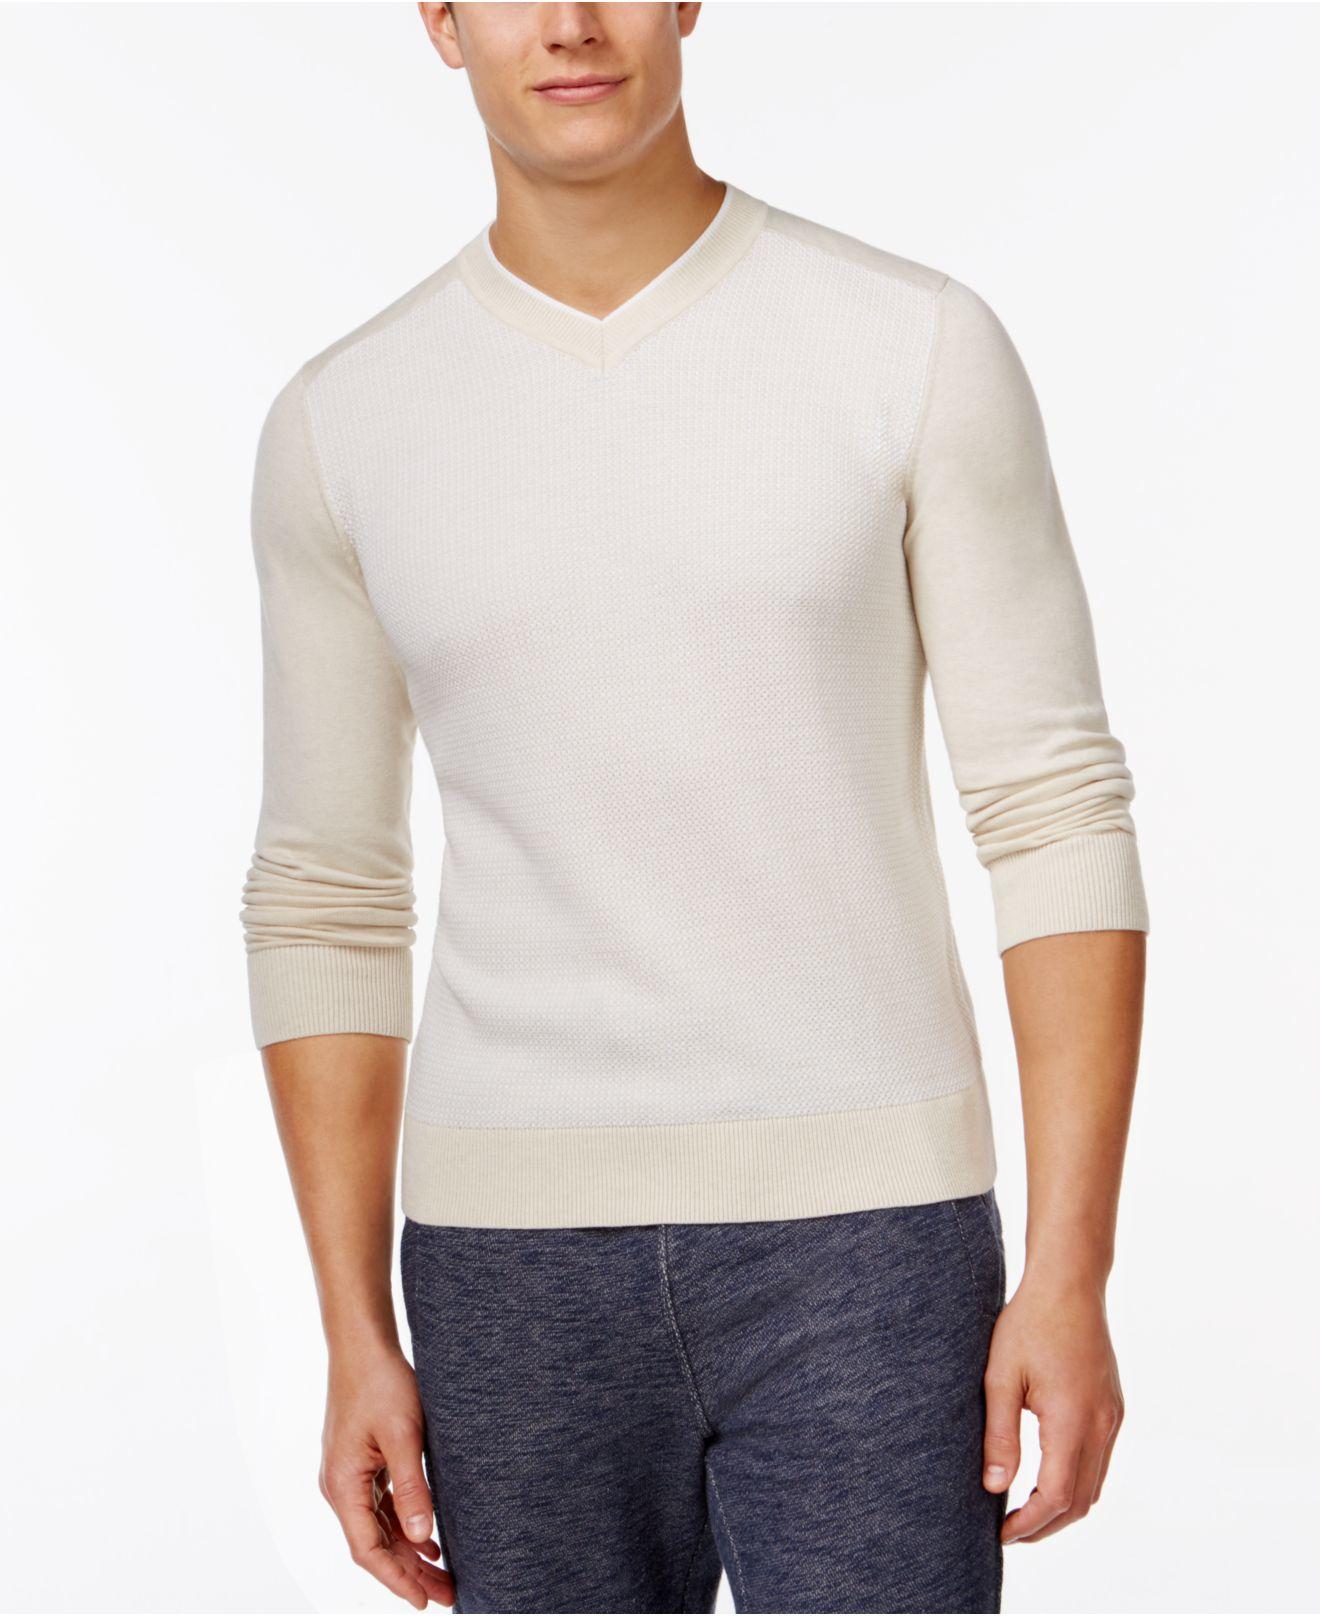 tommy hilfiger daniel textureblocked v neck sweater in. Black Bedroom Furniture Sets. Home Design Ideas